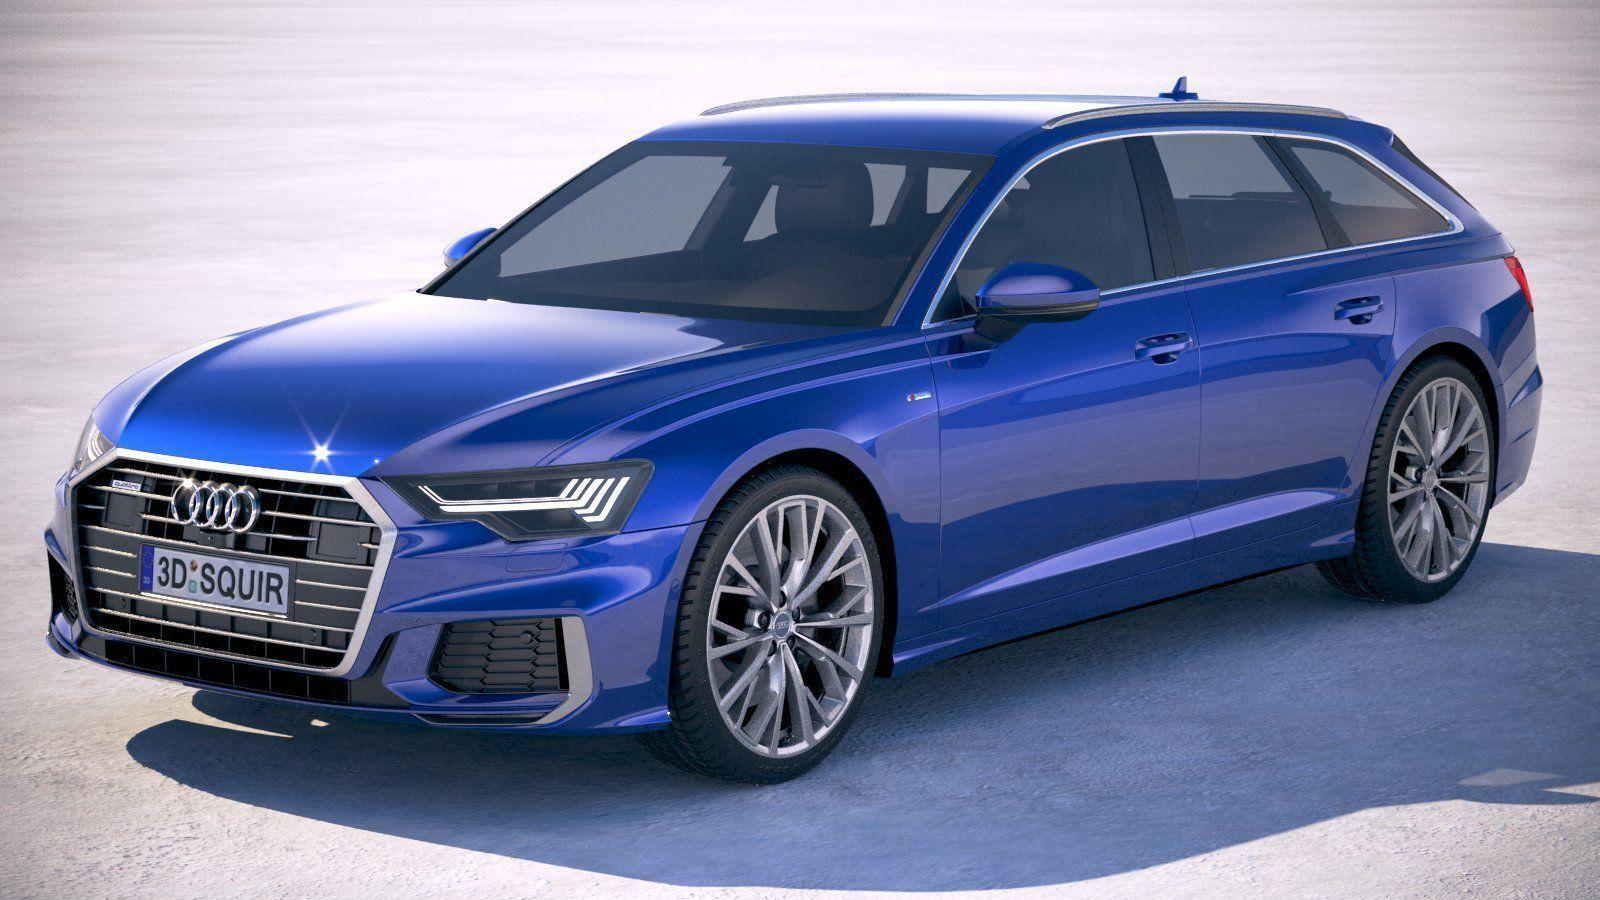 Audi A6 Avant S-line 2019